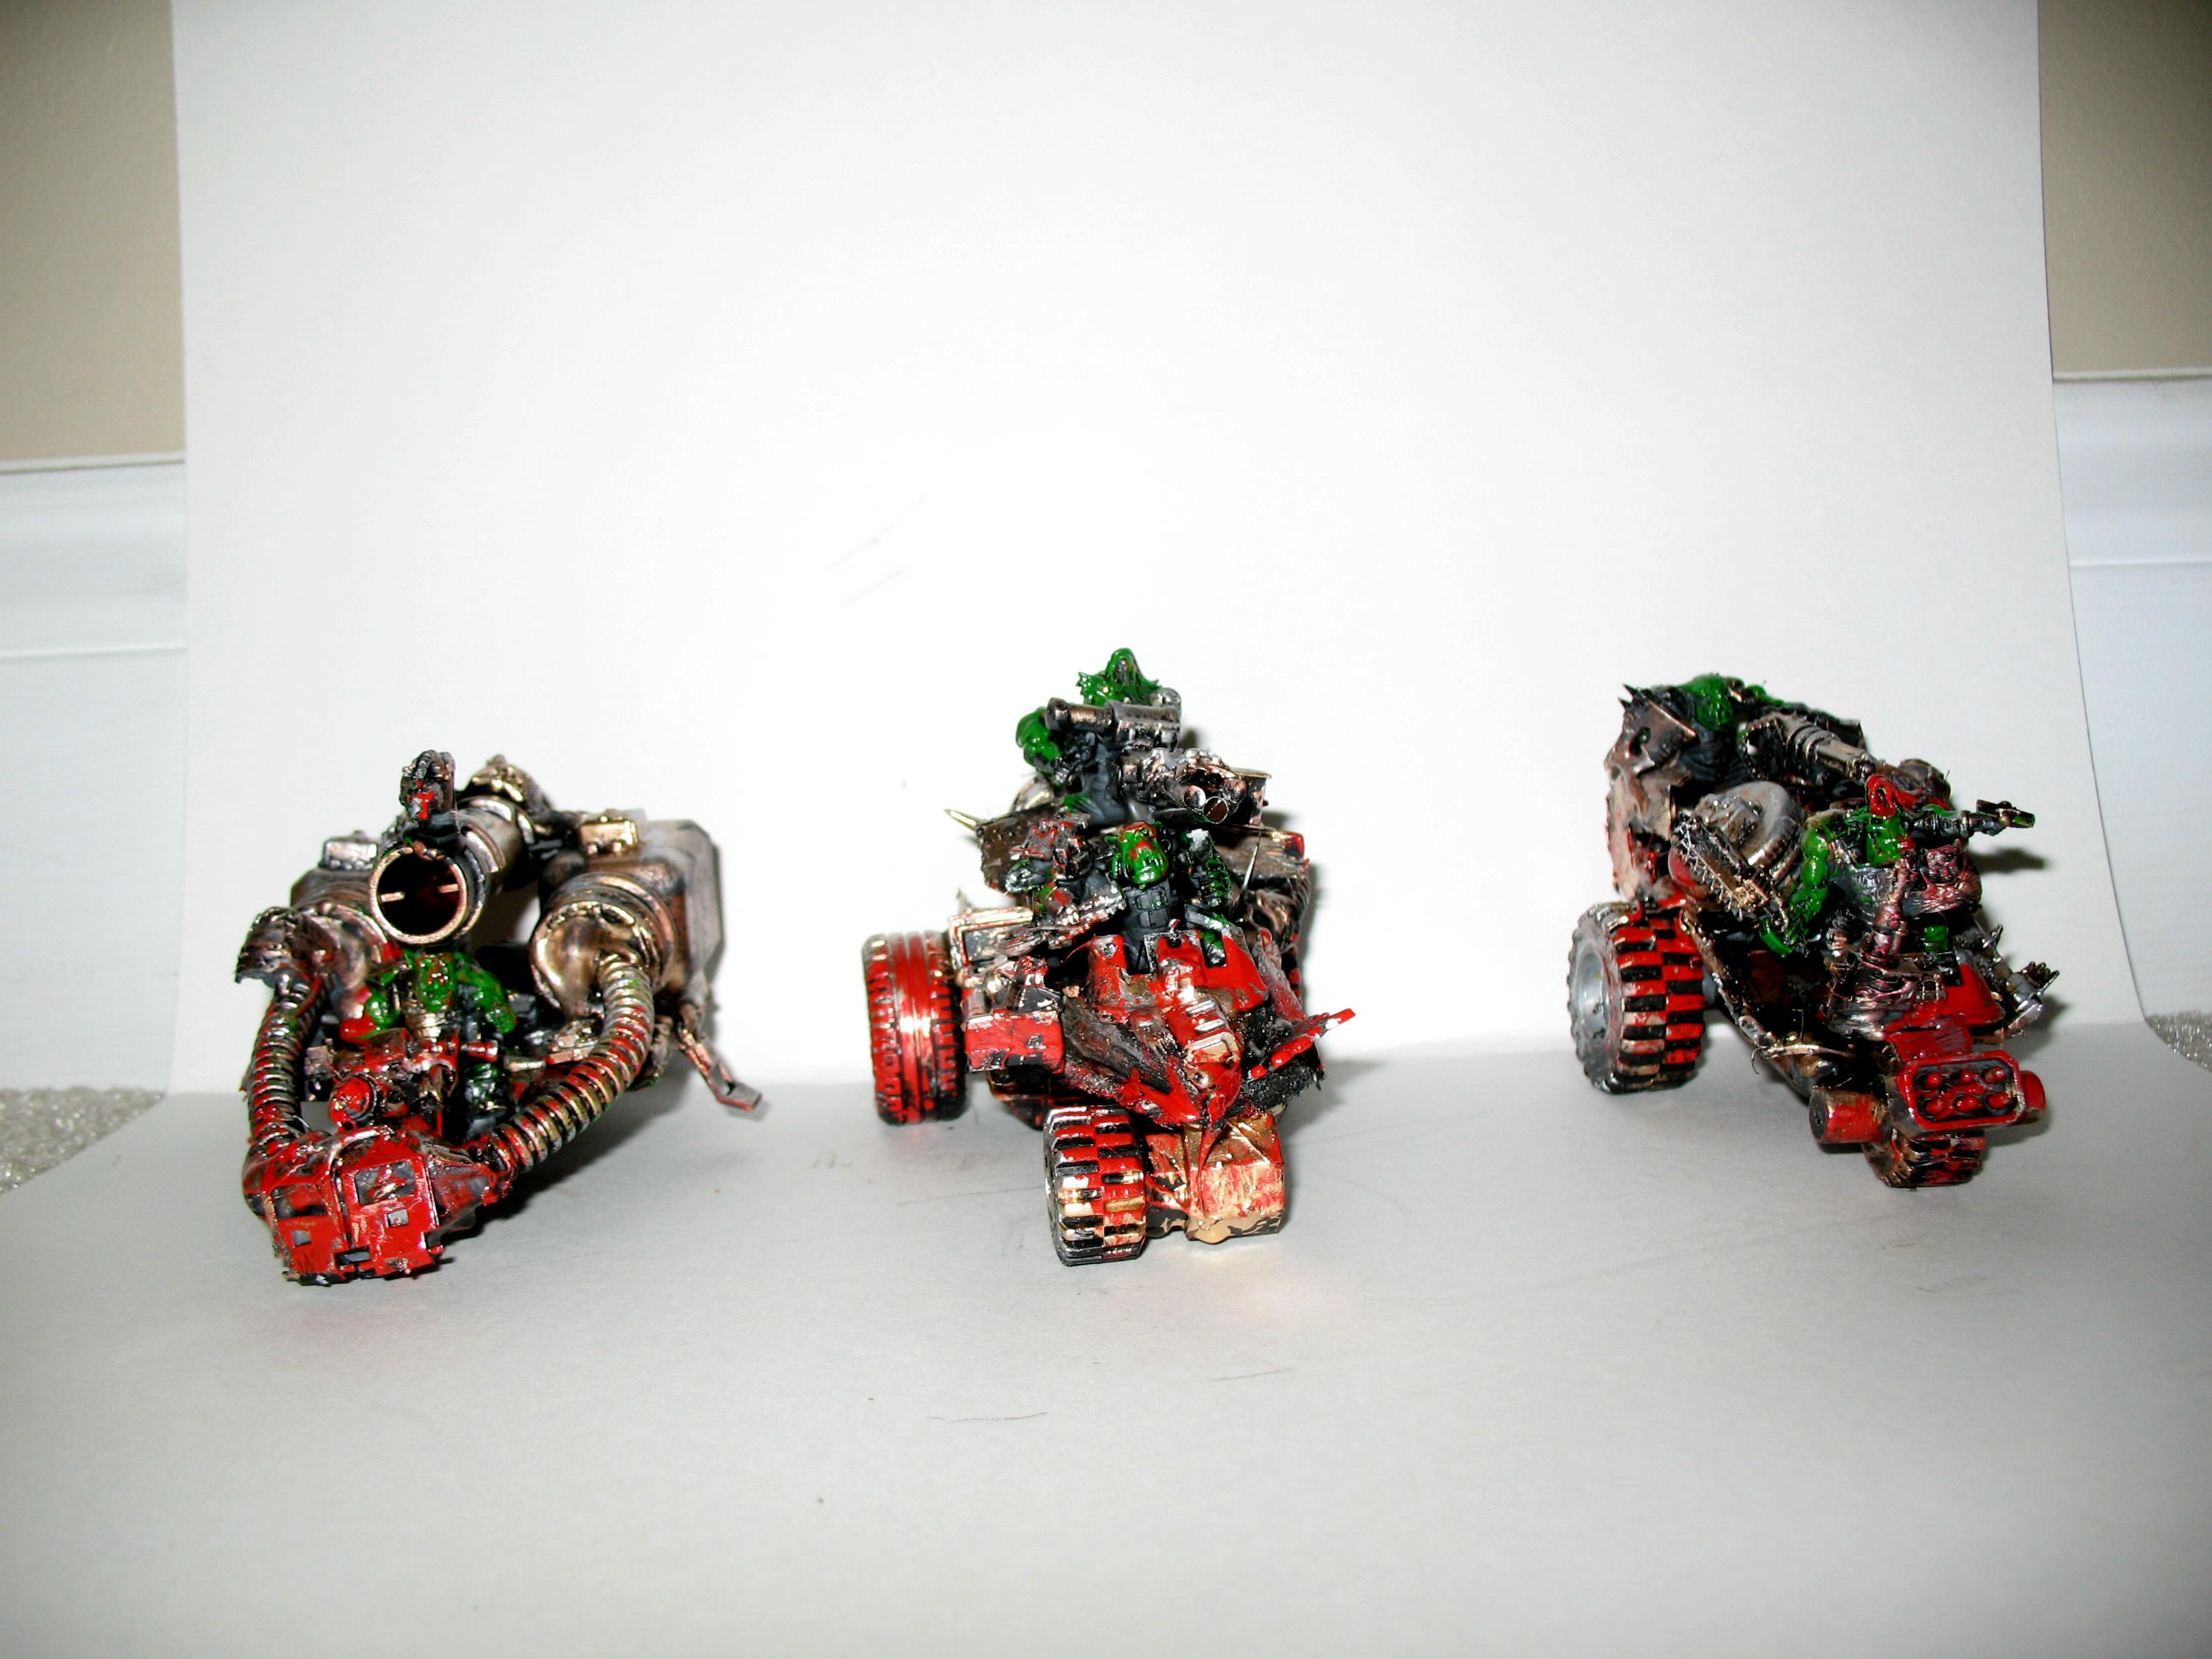 ork buggies